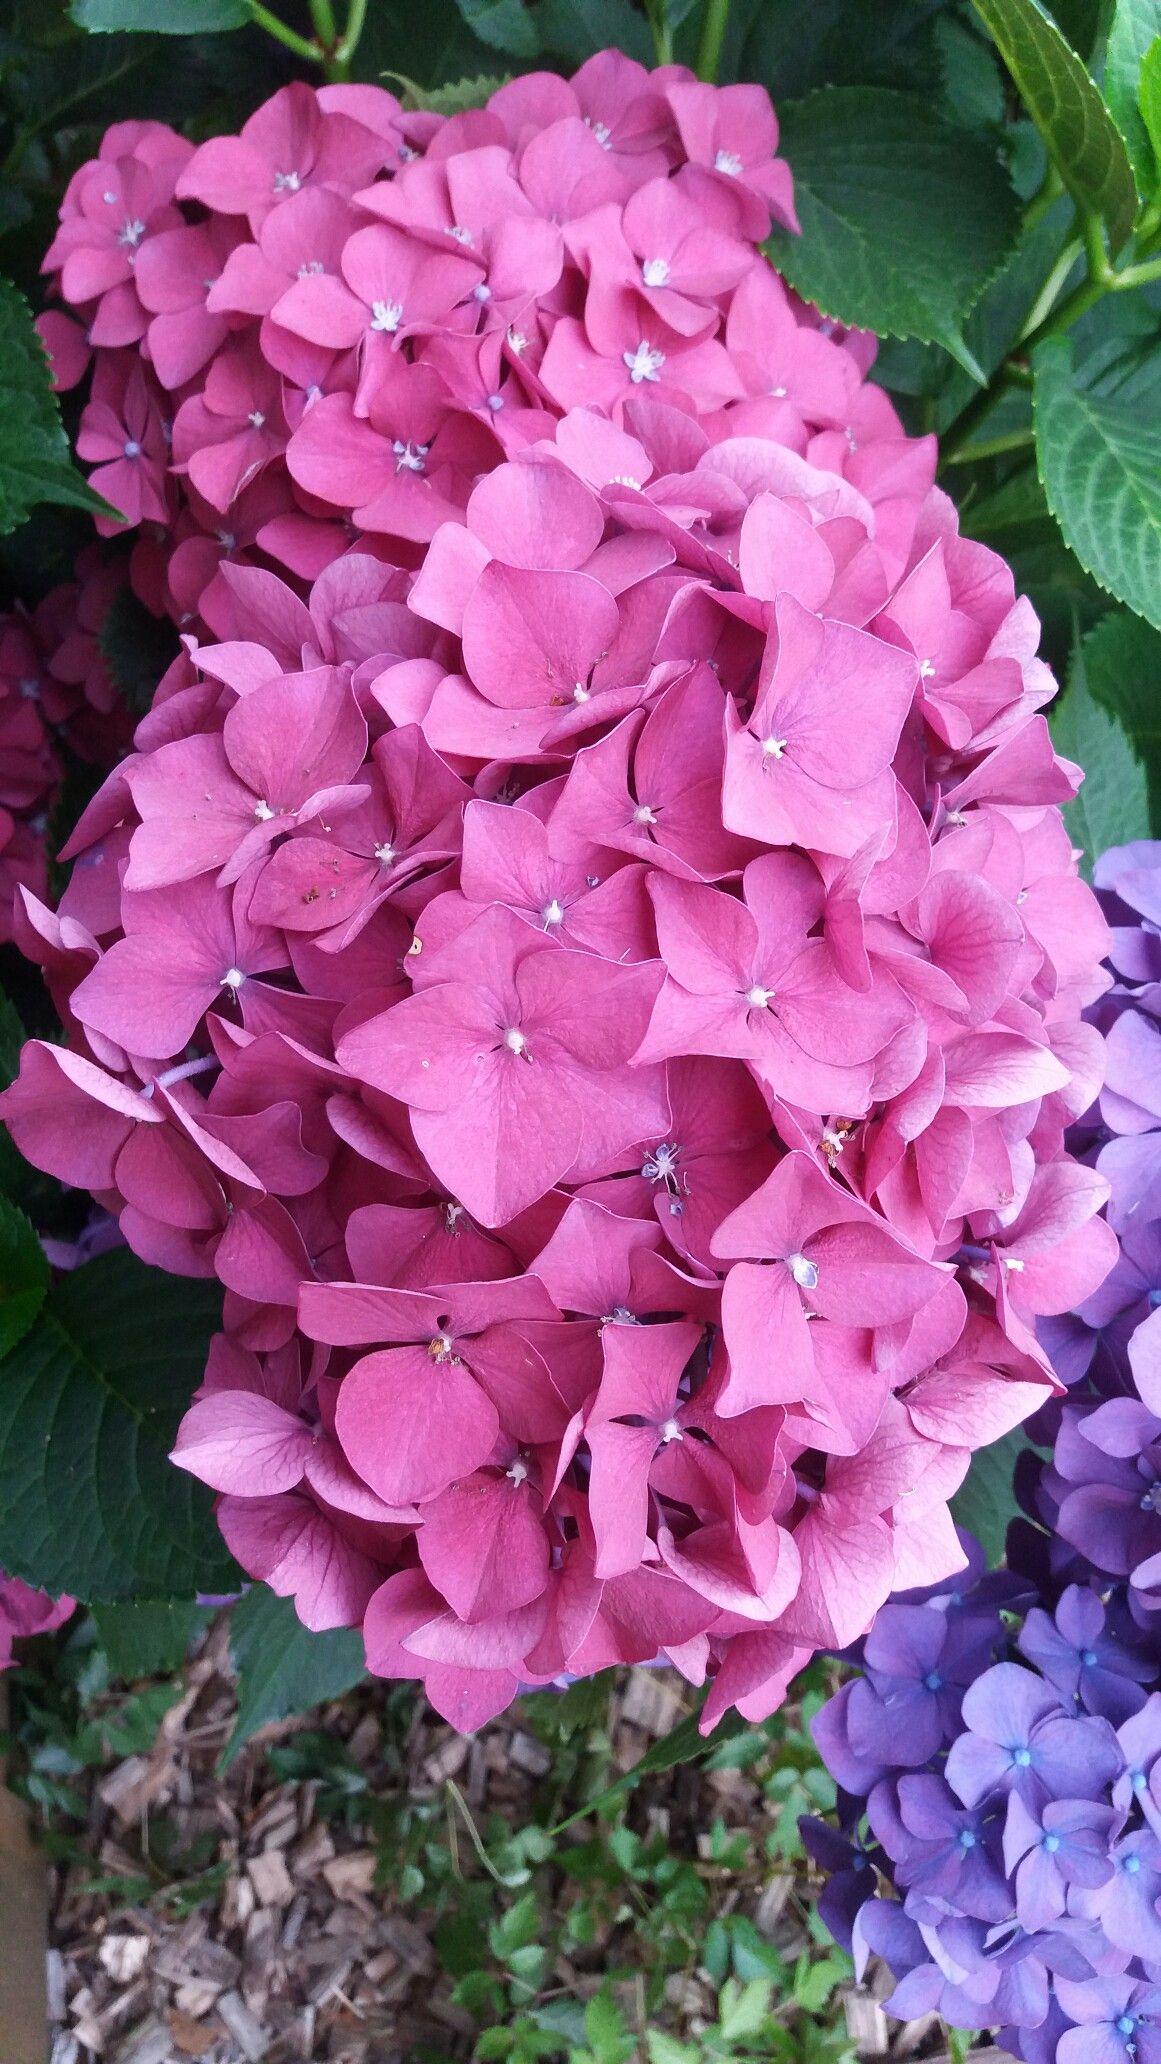 Hydrangea My Garden Flowers Hydrangea Flower Power